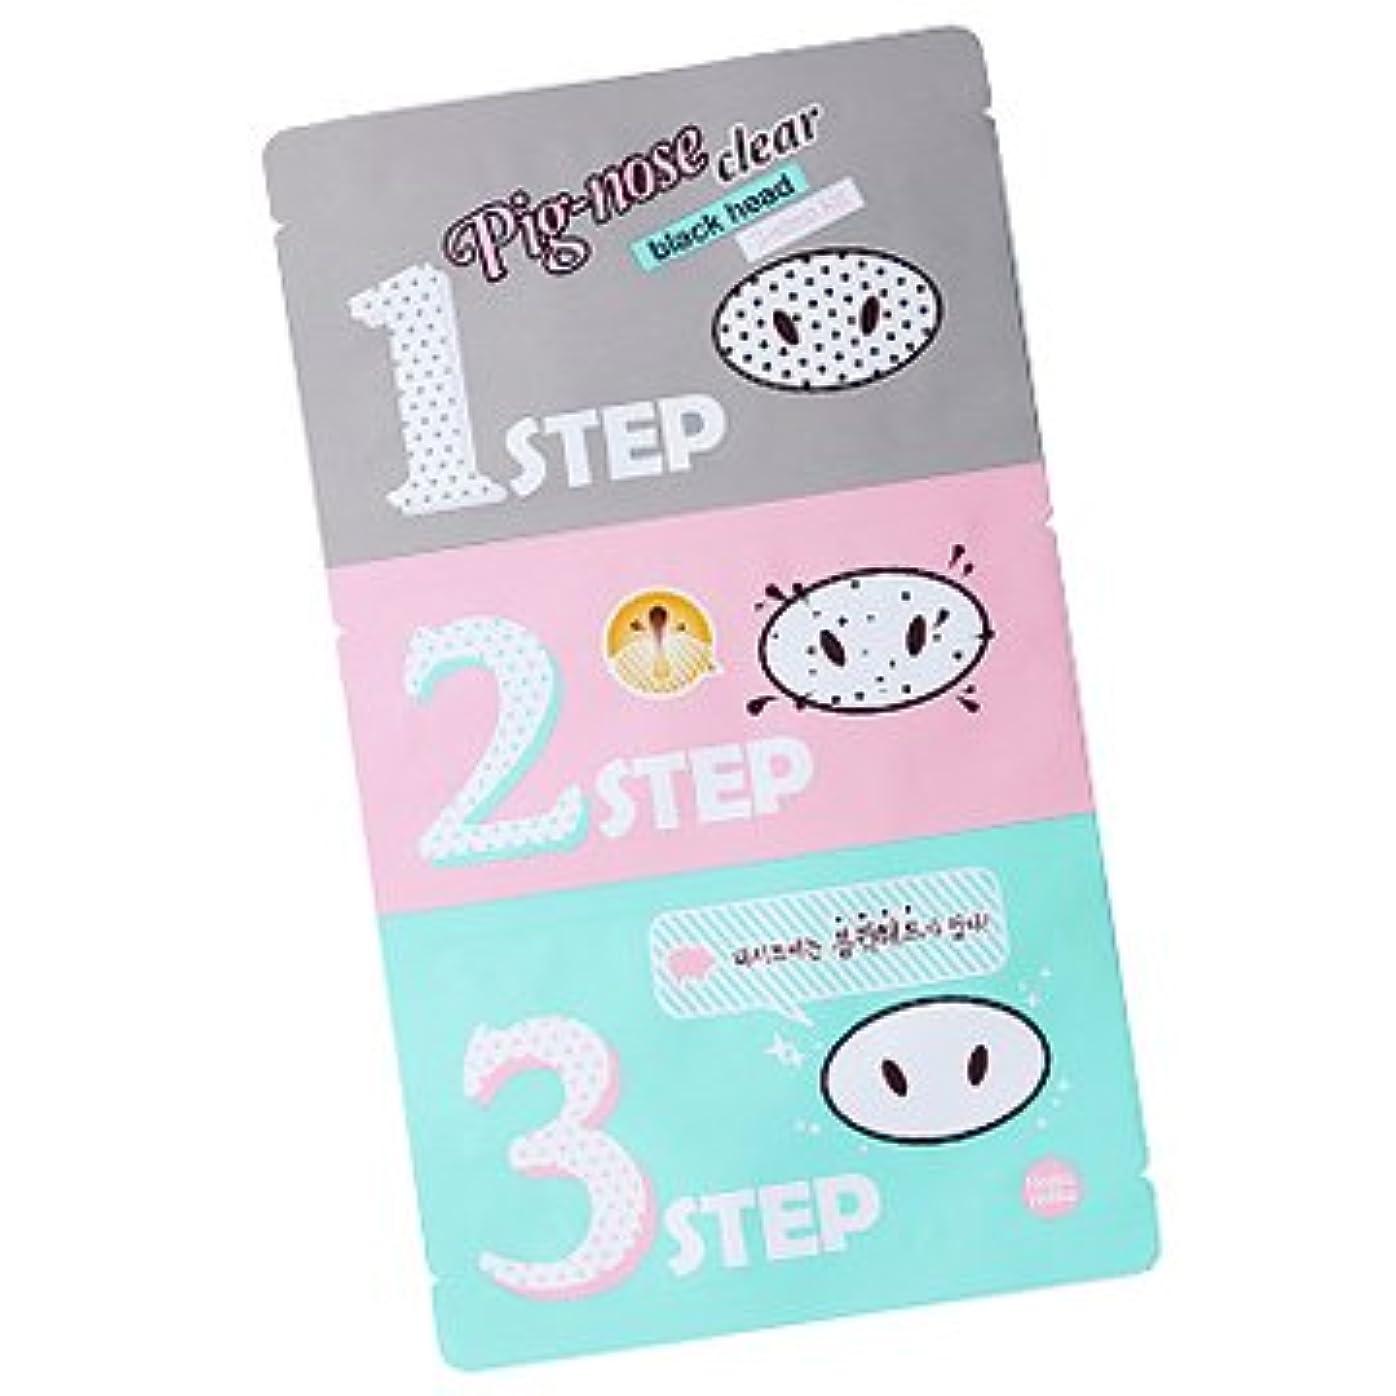 吸収剤イベント霧深いHolika Holika Pig Nose Clear Black Head 3-Step Kit 10EA (Nose Pack) ホリカホリカ ピグノーズクリアブラックヘッド3-Stepキット(鼻パック) 10pcs...